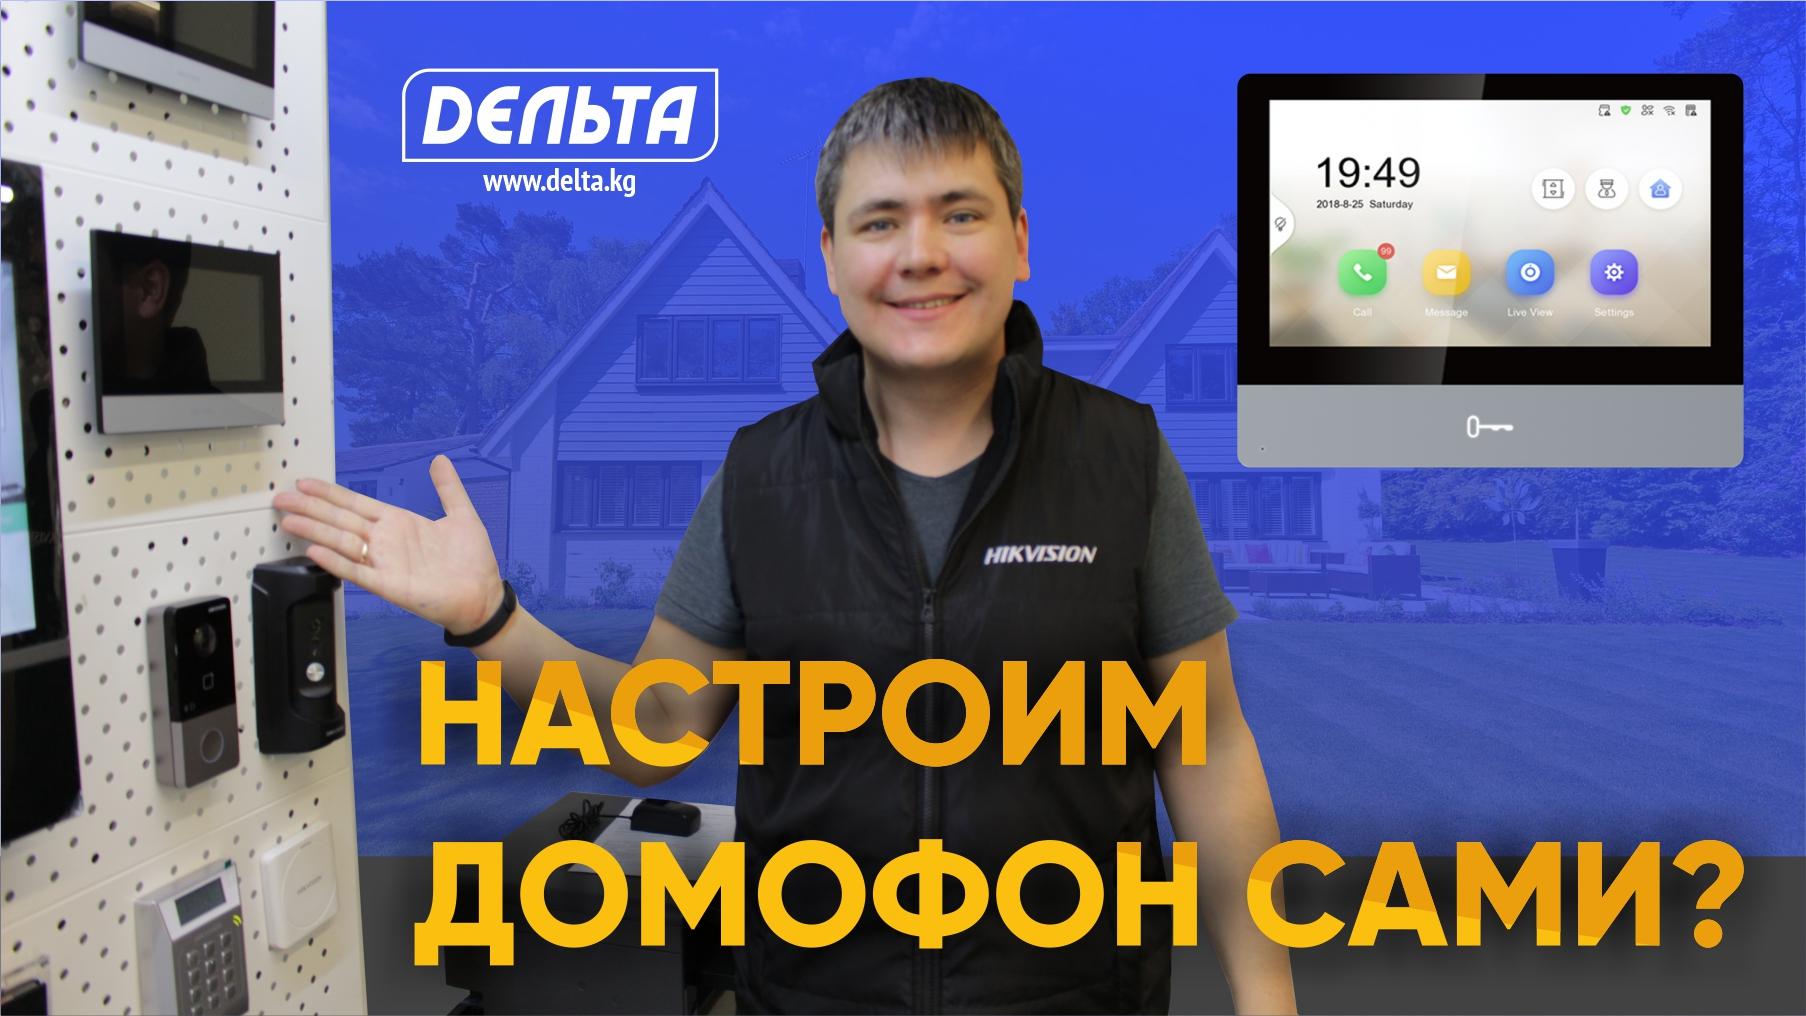 Пару минут и настройка IP домофона готова! Бишкек. Hikvision.Delta